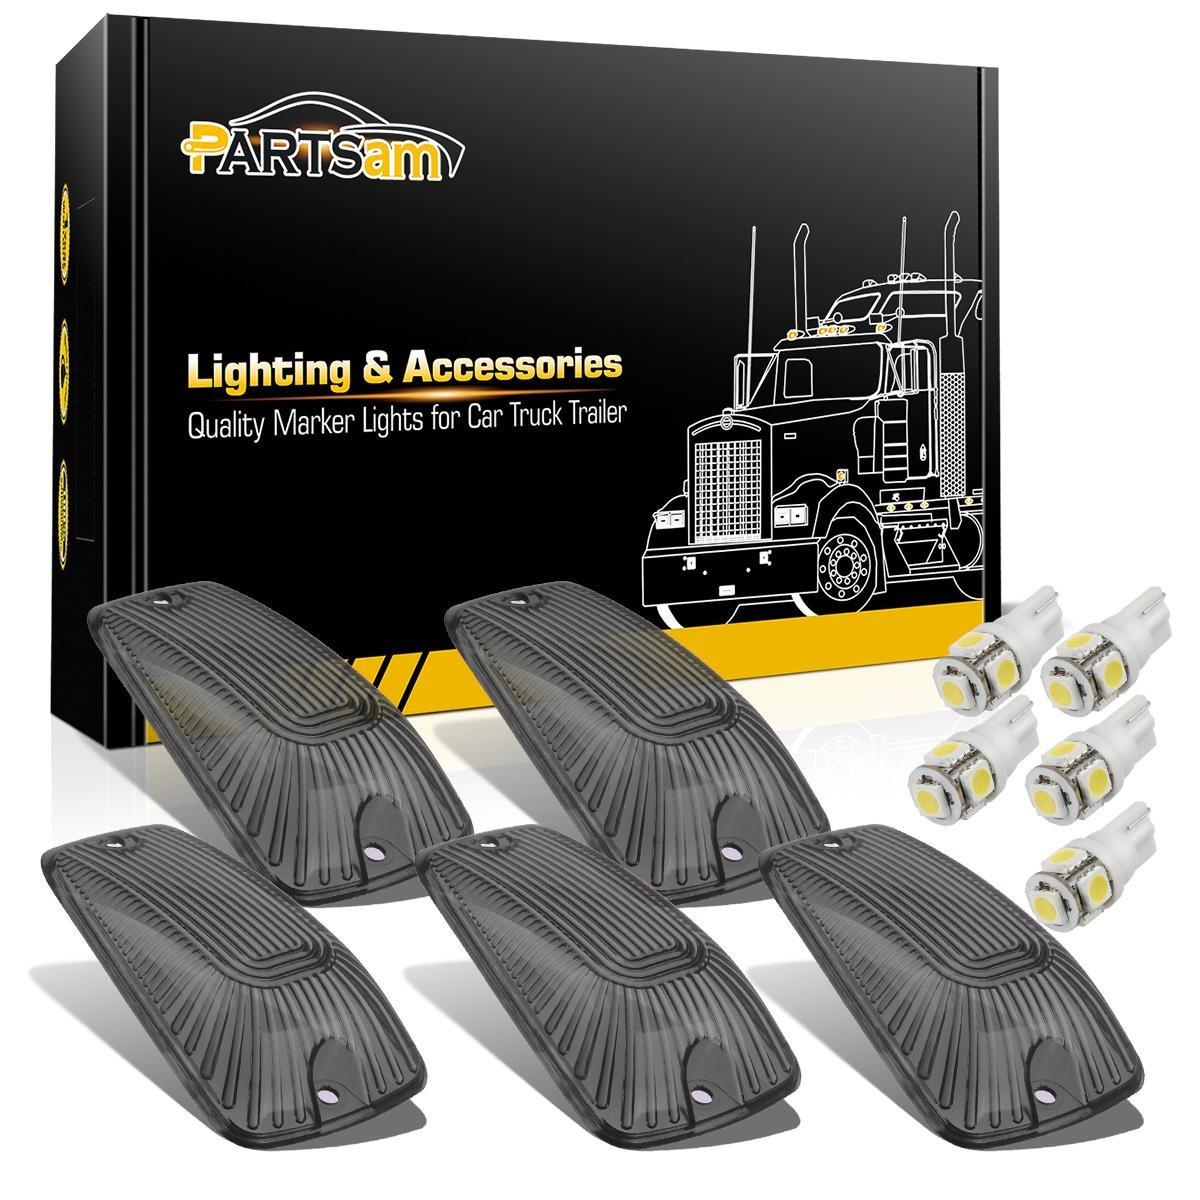 Partsam 5x Roof Running Light Cab Marker Smoke Cover +White LED Bulb for 1988-2002 Chevy C1500 C2500 C3500 K1500 K2500 K3500, 1988-2002 GMC C1500 C2500 C3500 K1500 K2500 K3500